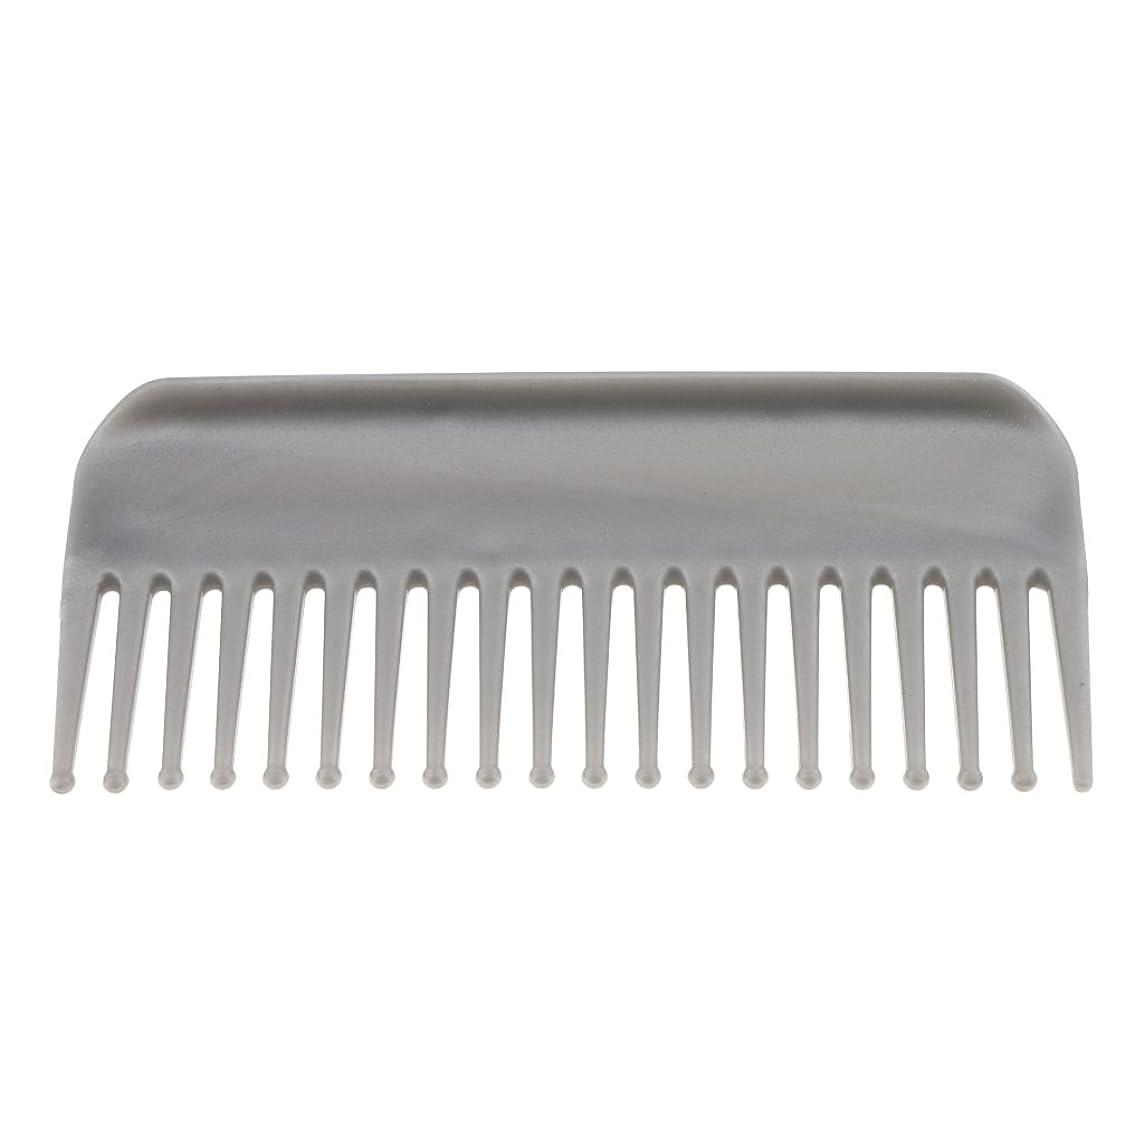 購入木お風呂を持っているPerfk ヘアブラシ ヘアコーム 櫛 くし 頭皮 マッサージ 耐熱性 帯電防止 高品質